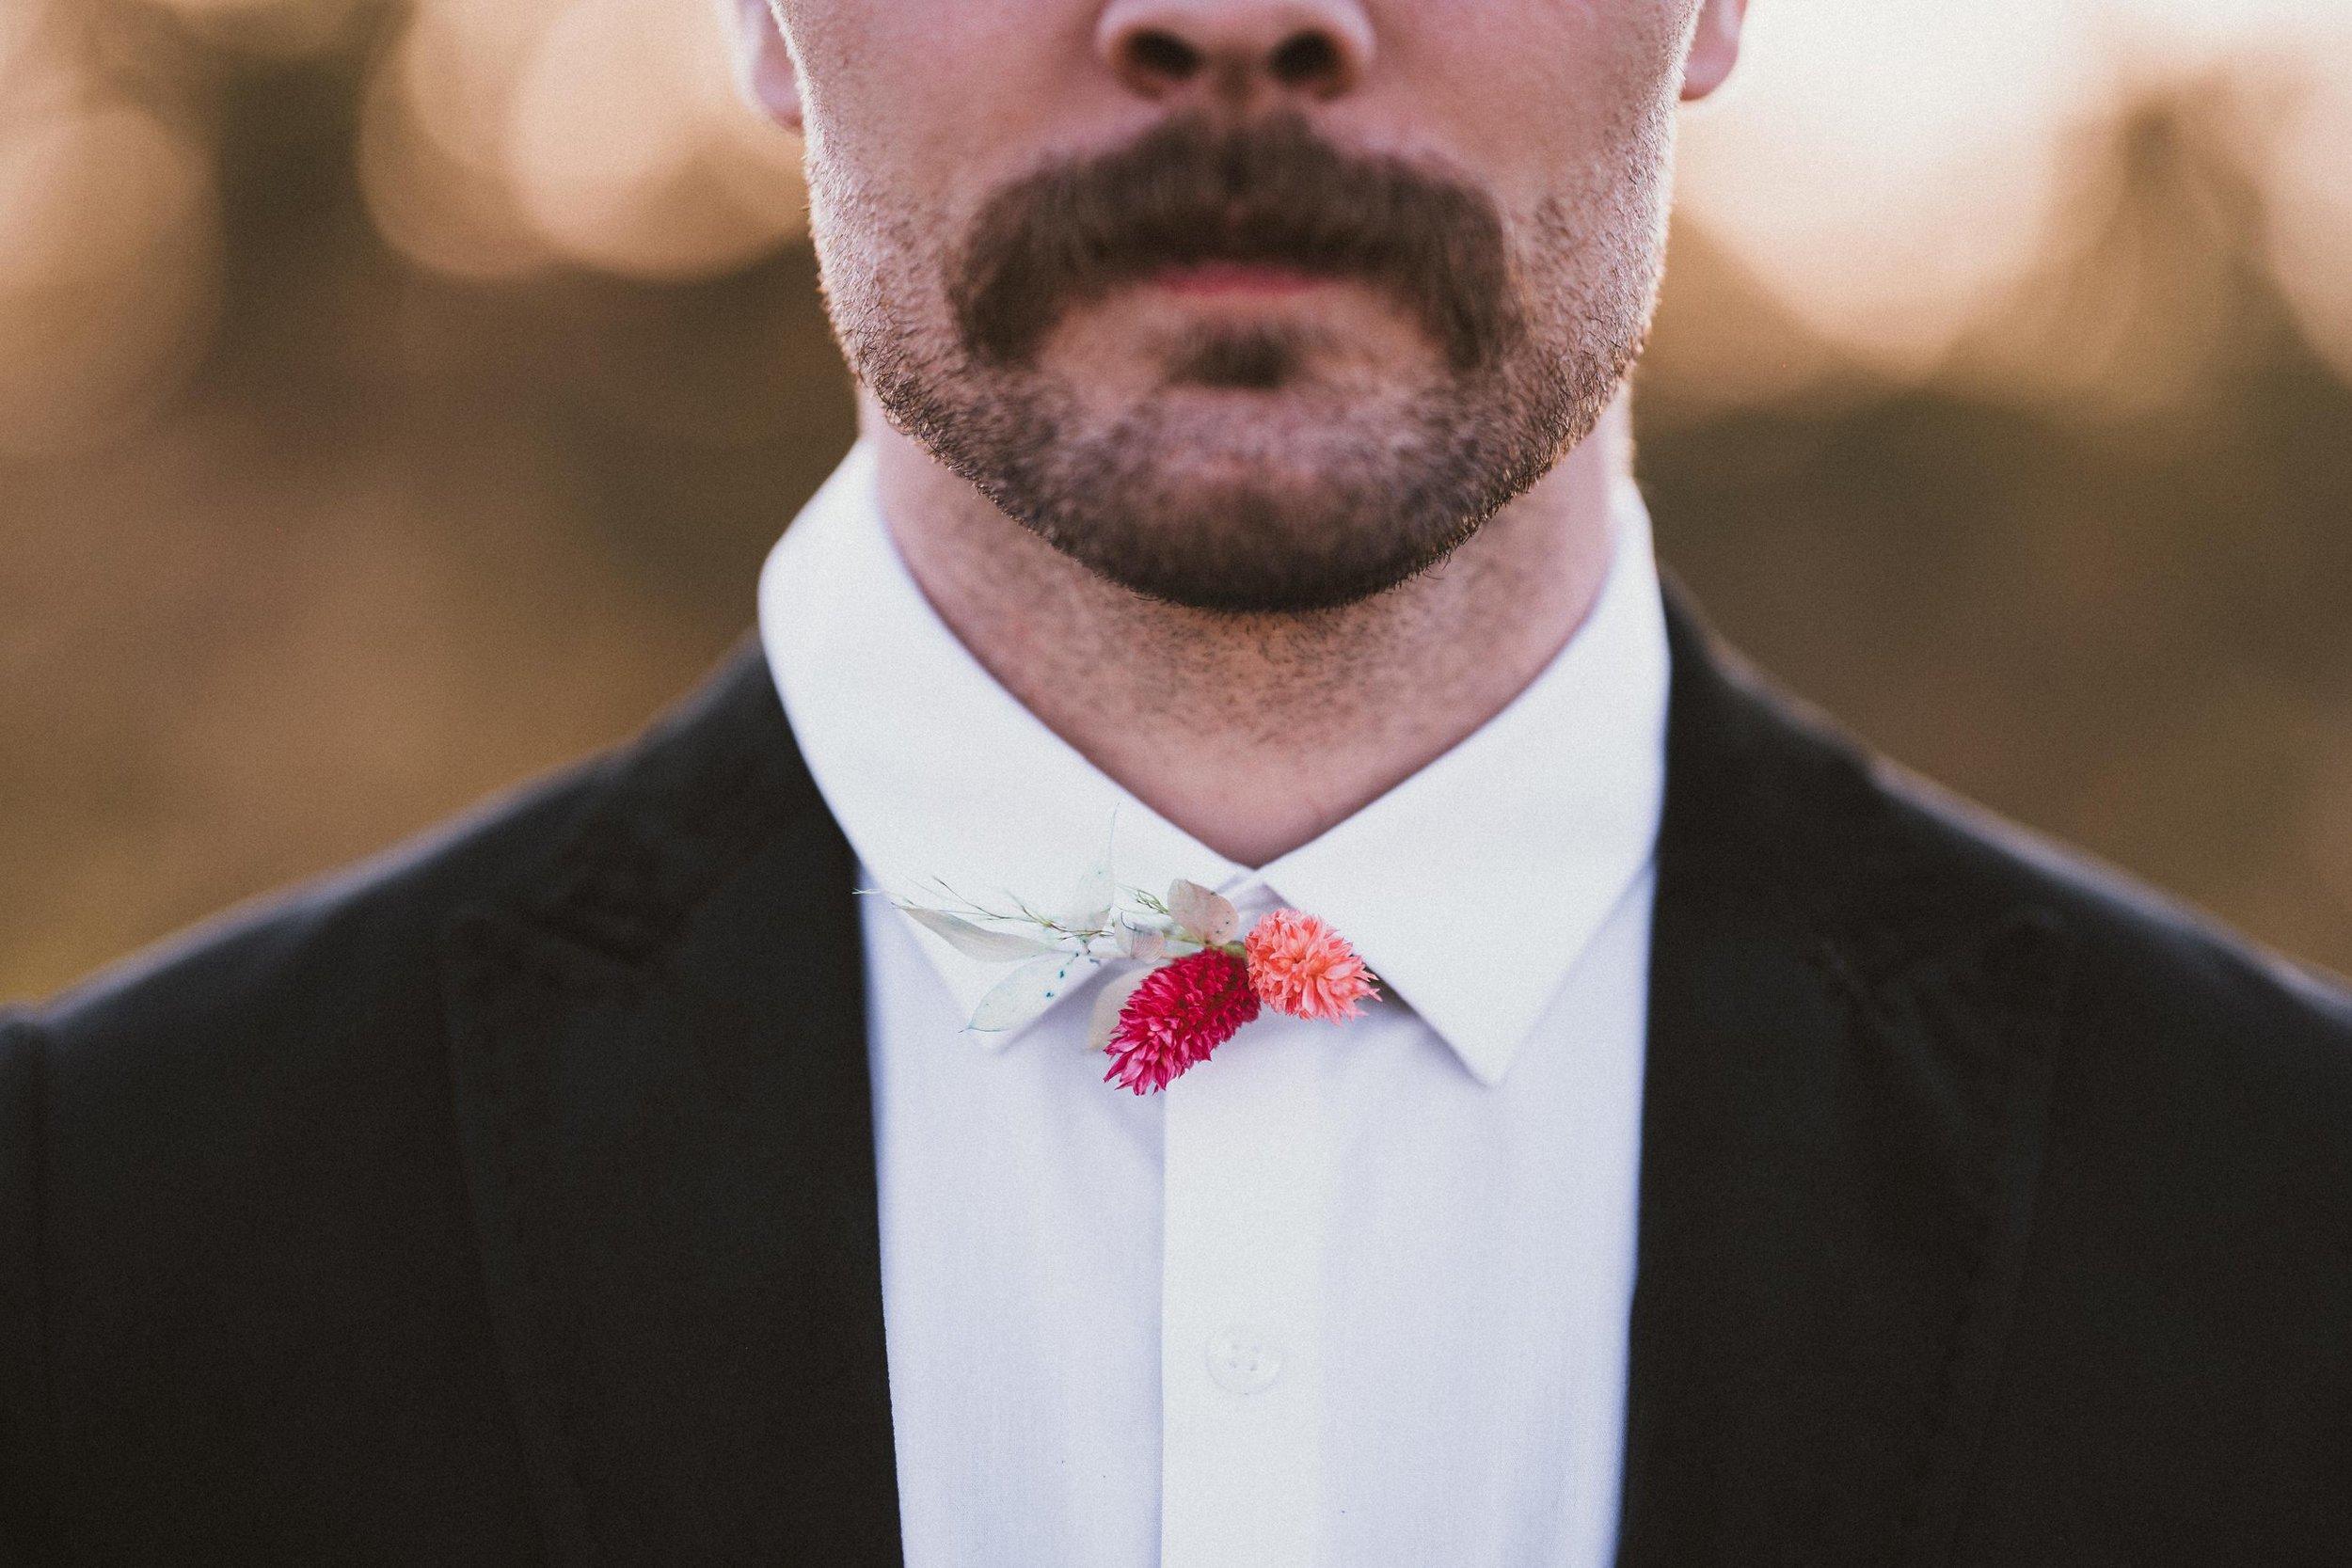 TONY-GAMBINO-PHOTOGRAPHY-BEND-OREGON-WEDDING-SHOOT_1481 Groom Flower Tie.jpg